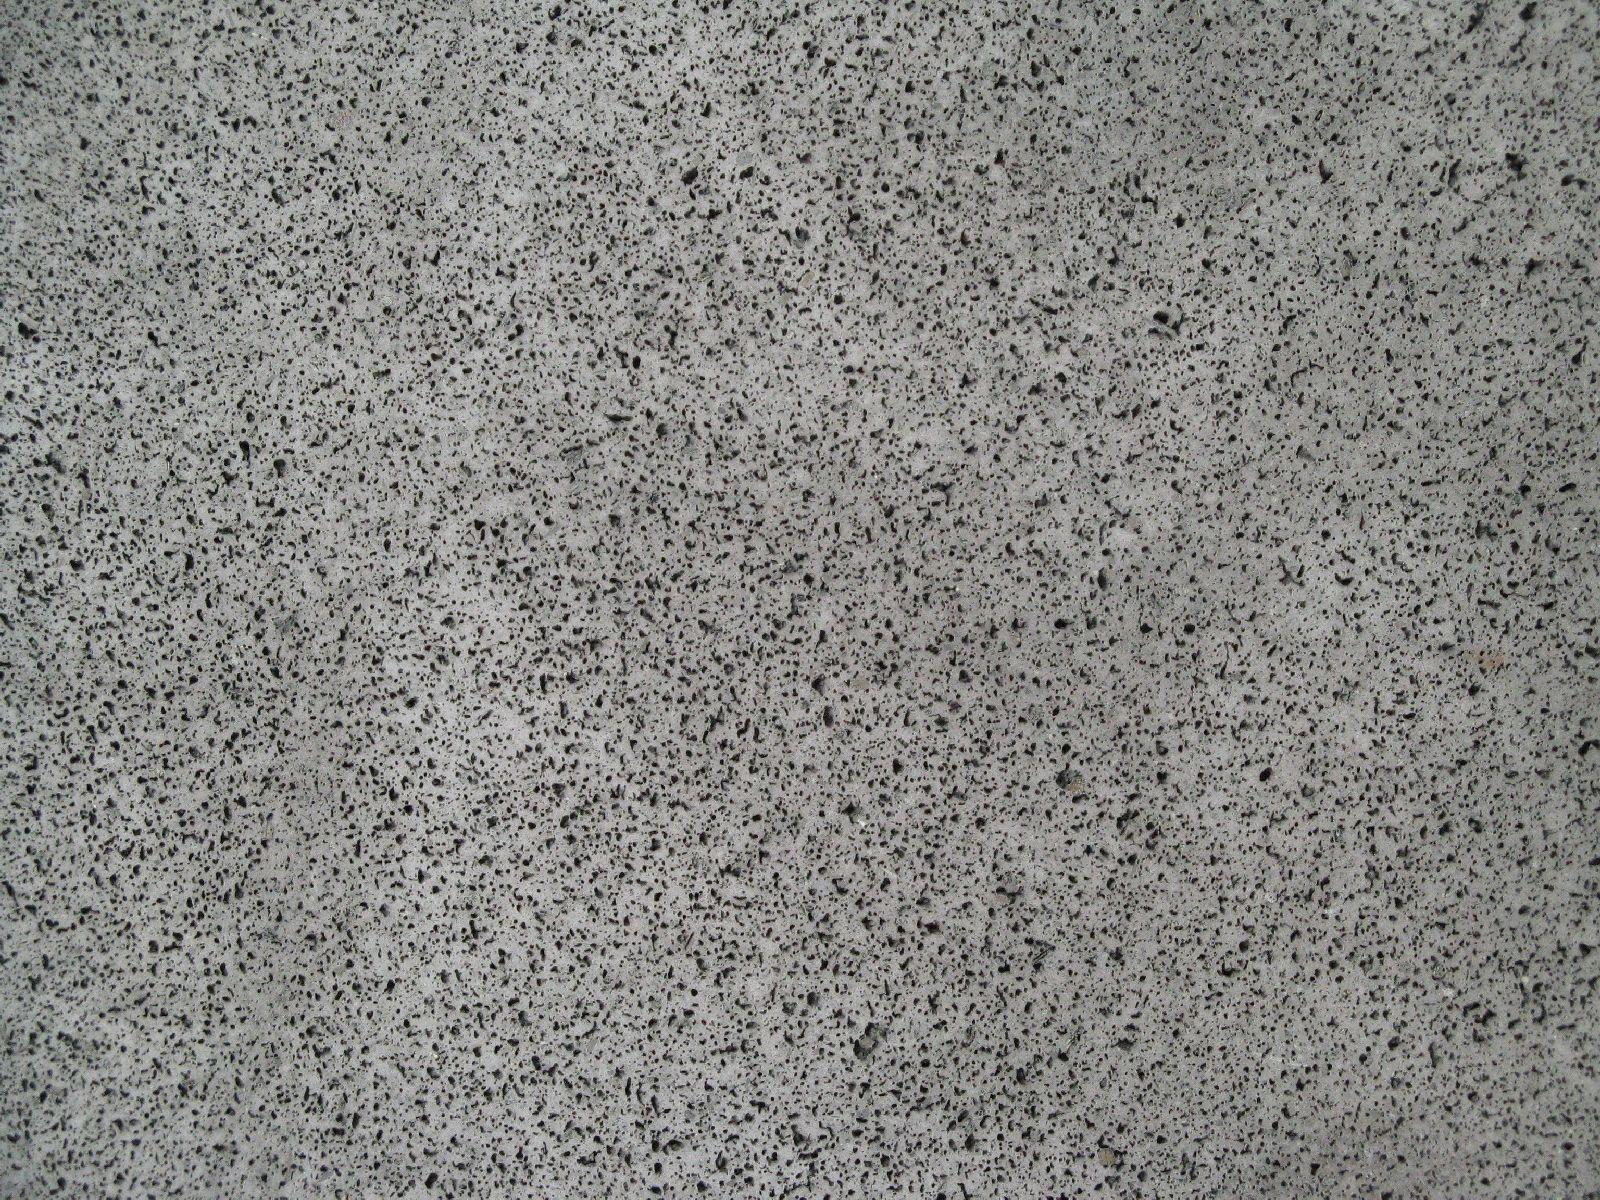 Ground-Urban_Texture_B_0415